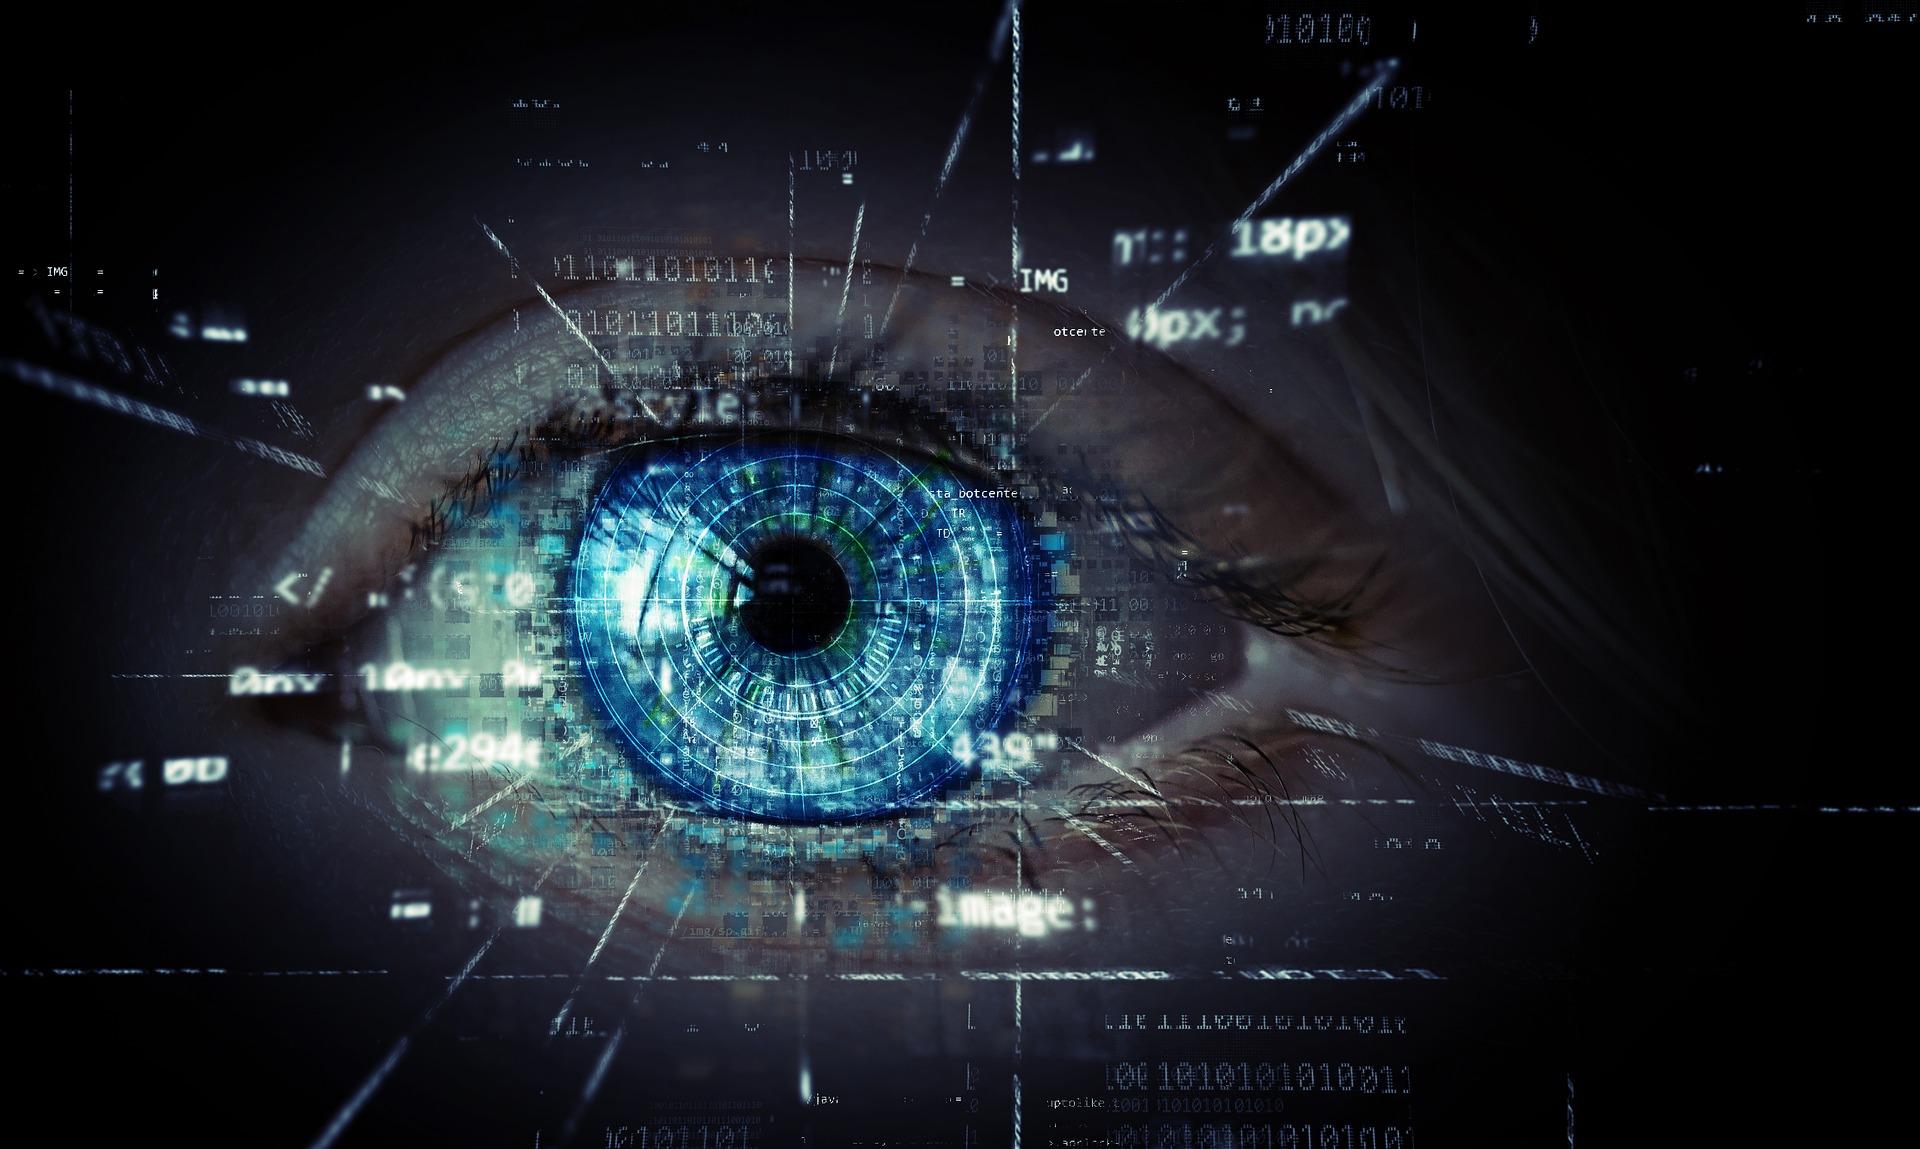 Non, ces lentilles bioniques ne zooment pas (mais elles ont une vraie utilité médicale)